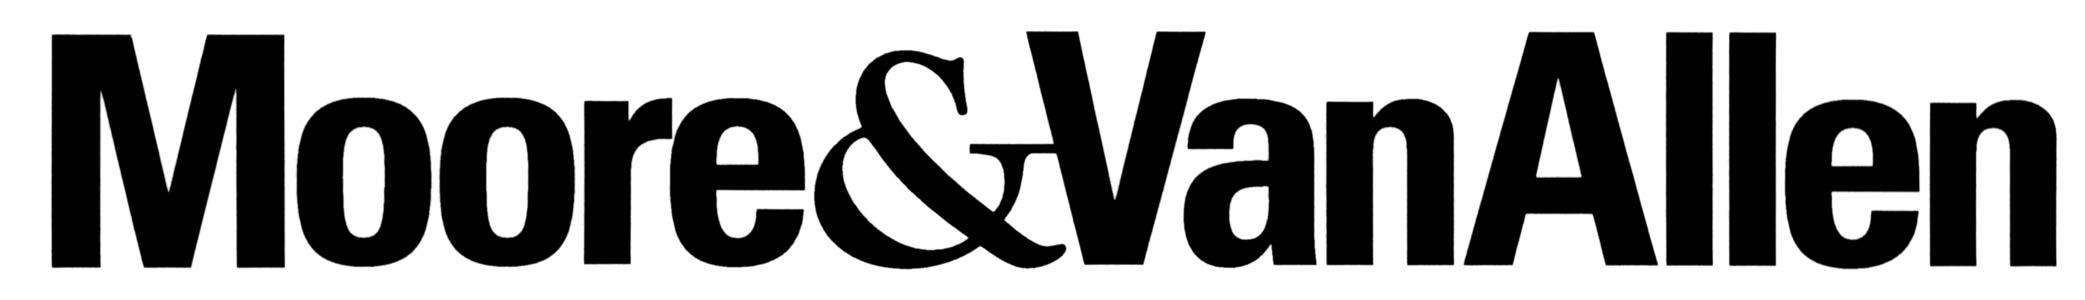 Moore & Van Allen logo